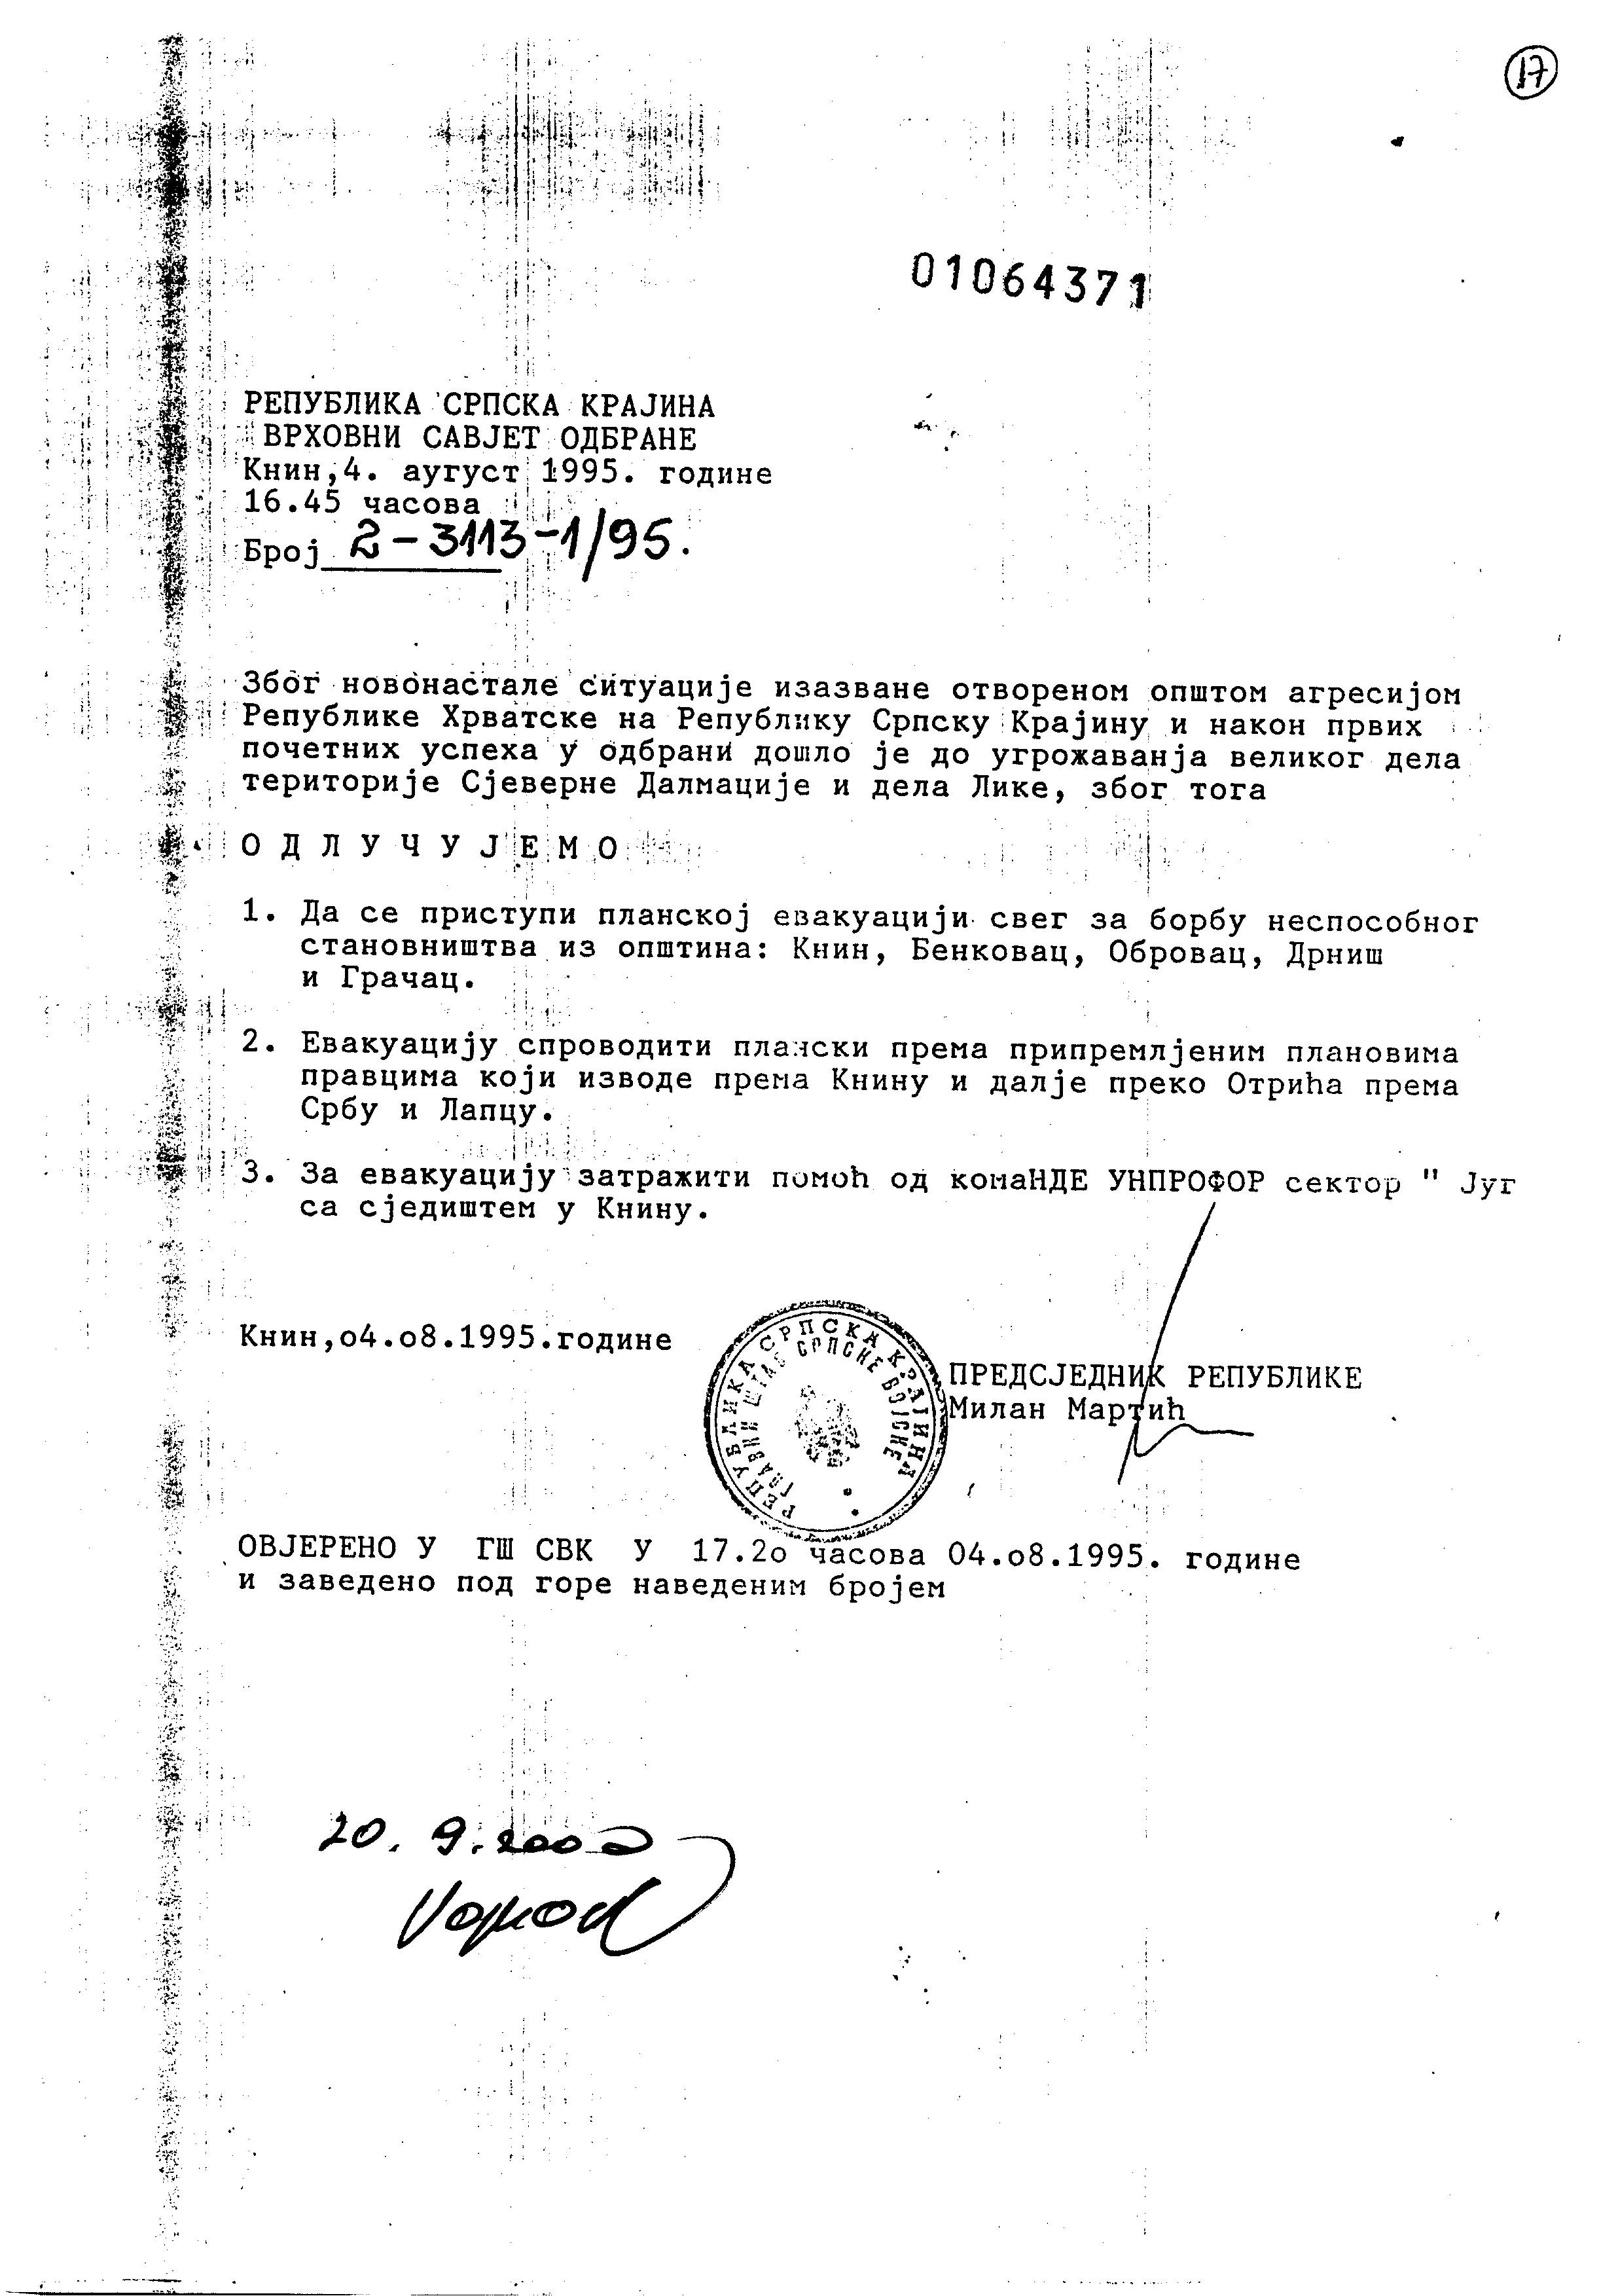 Martic-order1995.jpg